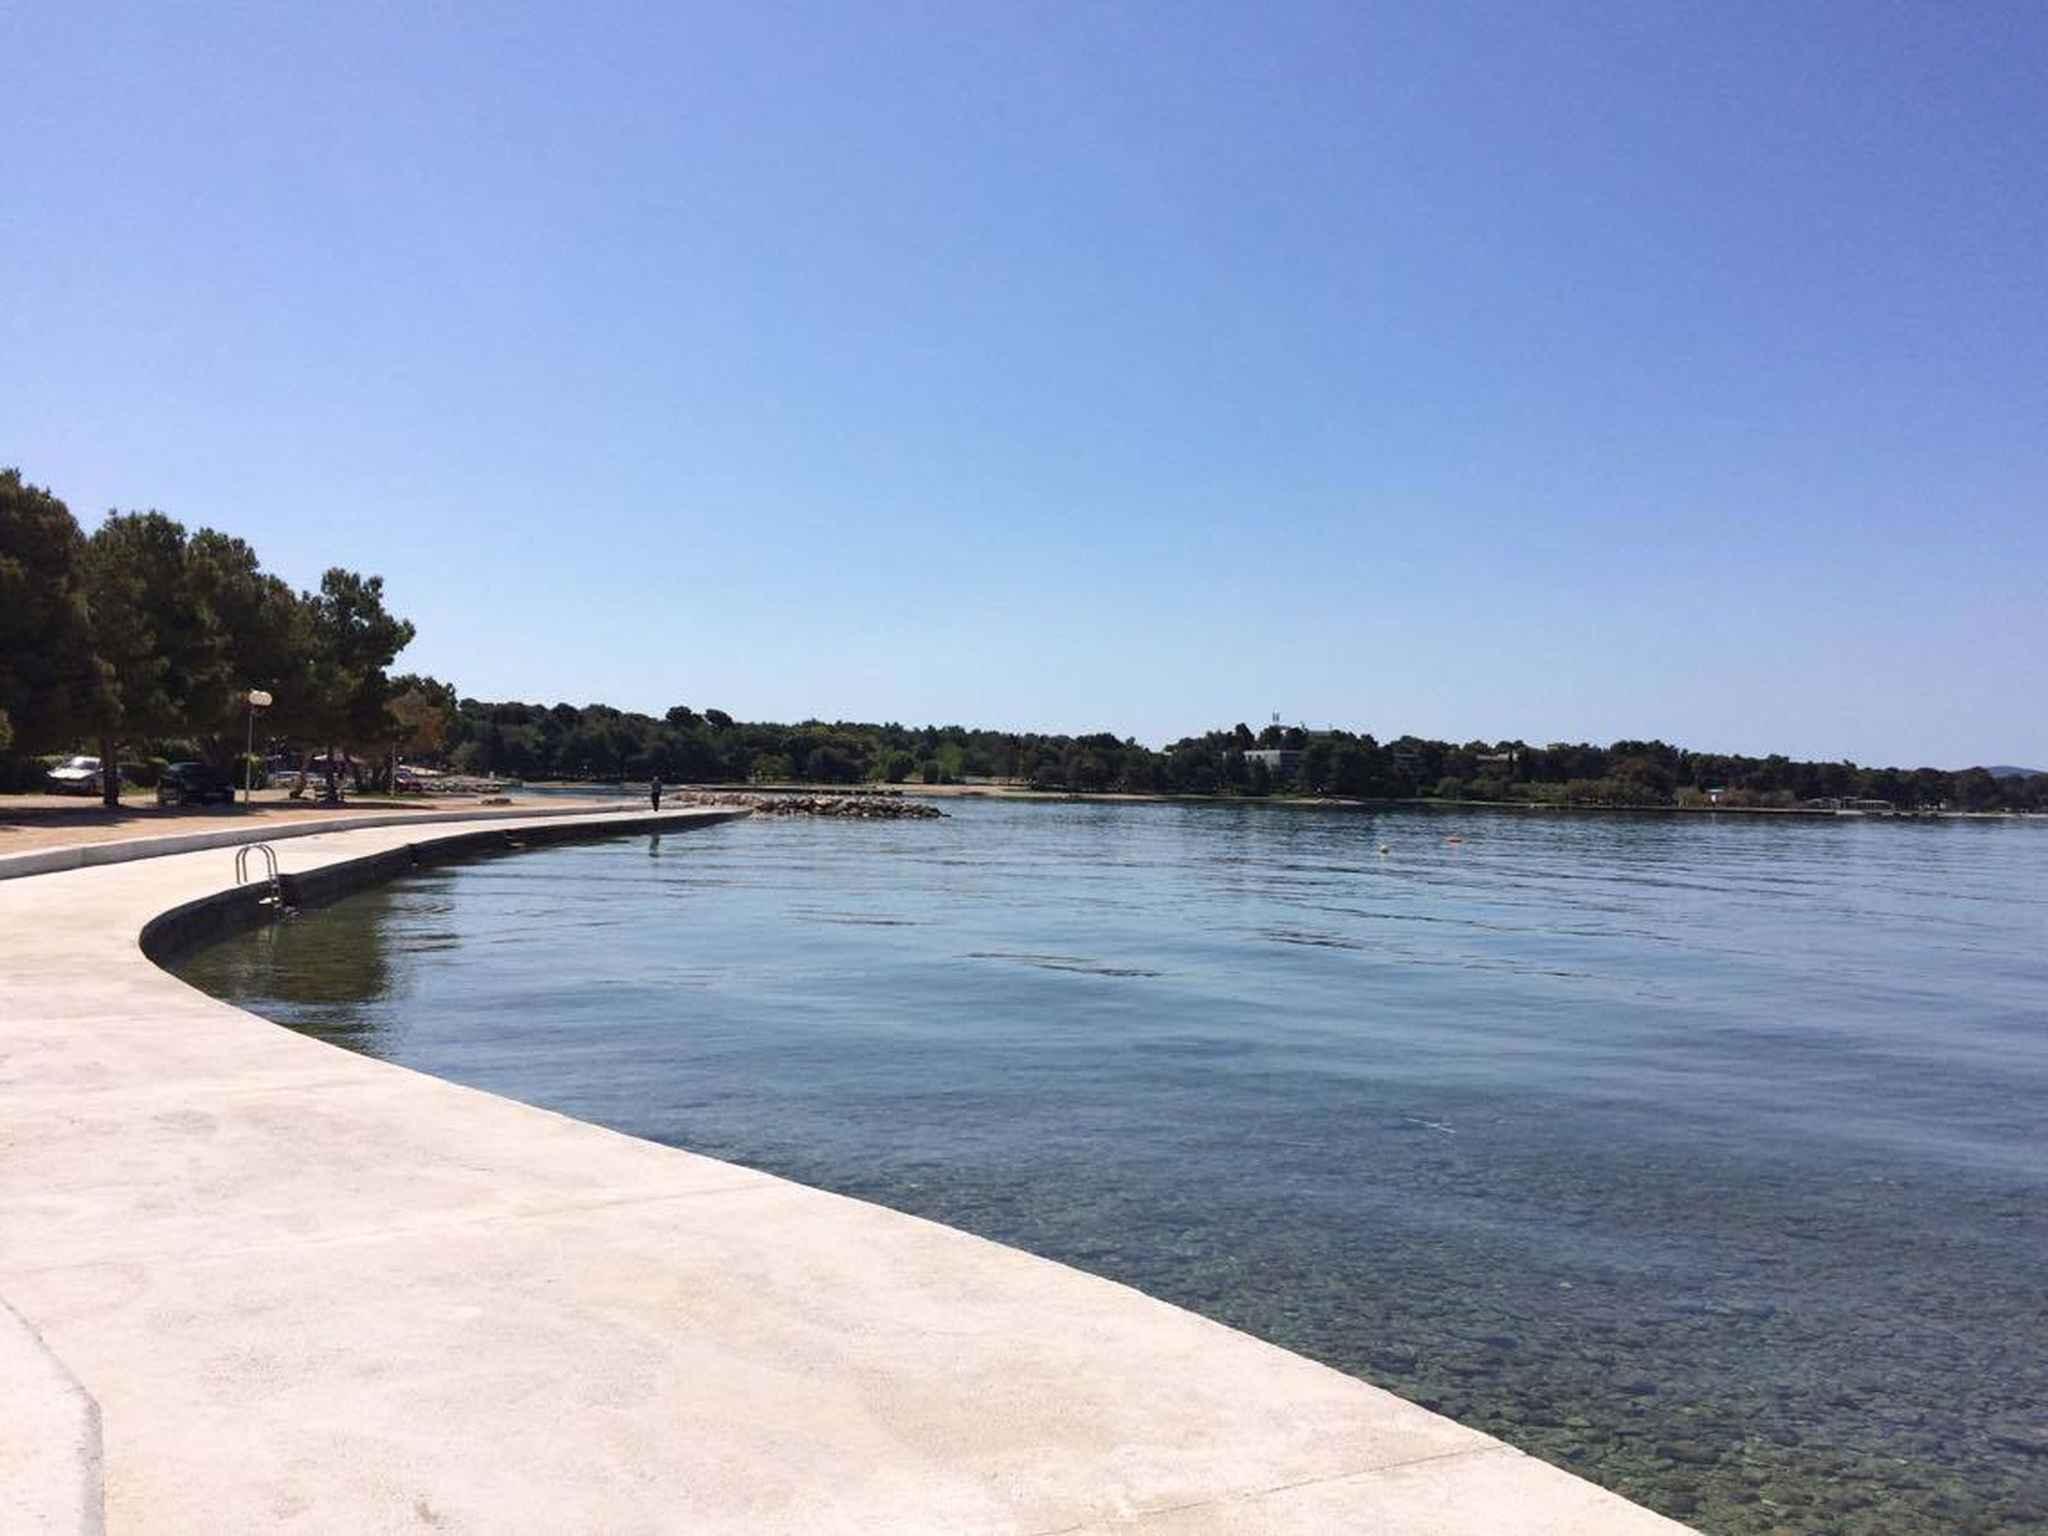 Ferienwohnung mit 4 Bäder nur 250 m von der Adria (278909), Zadar, , Dalmatien, Kroatien, Bild 13